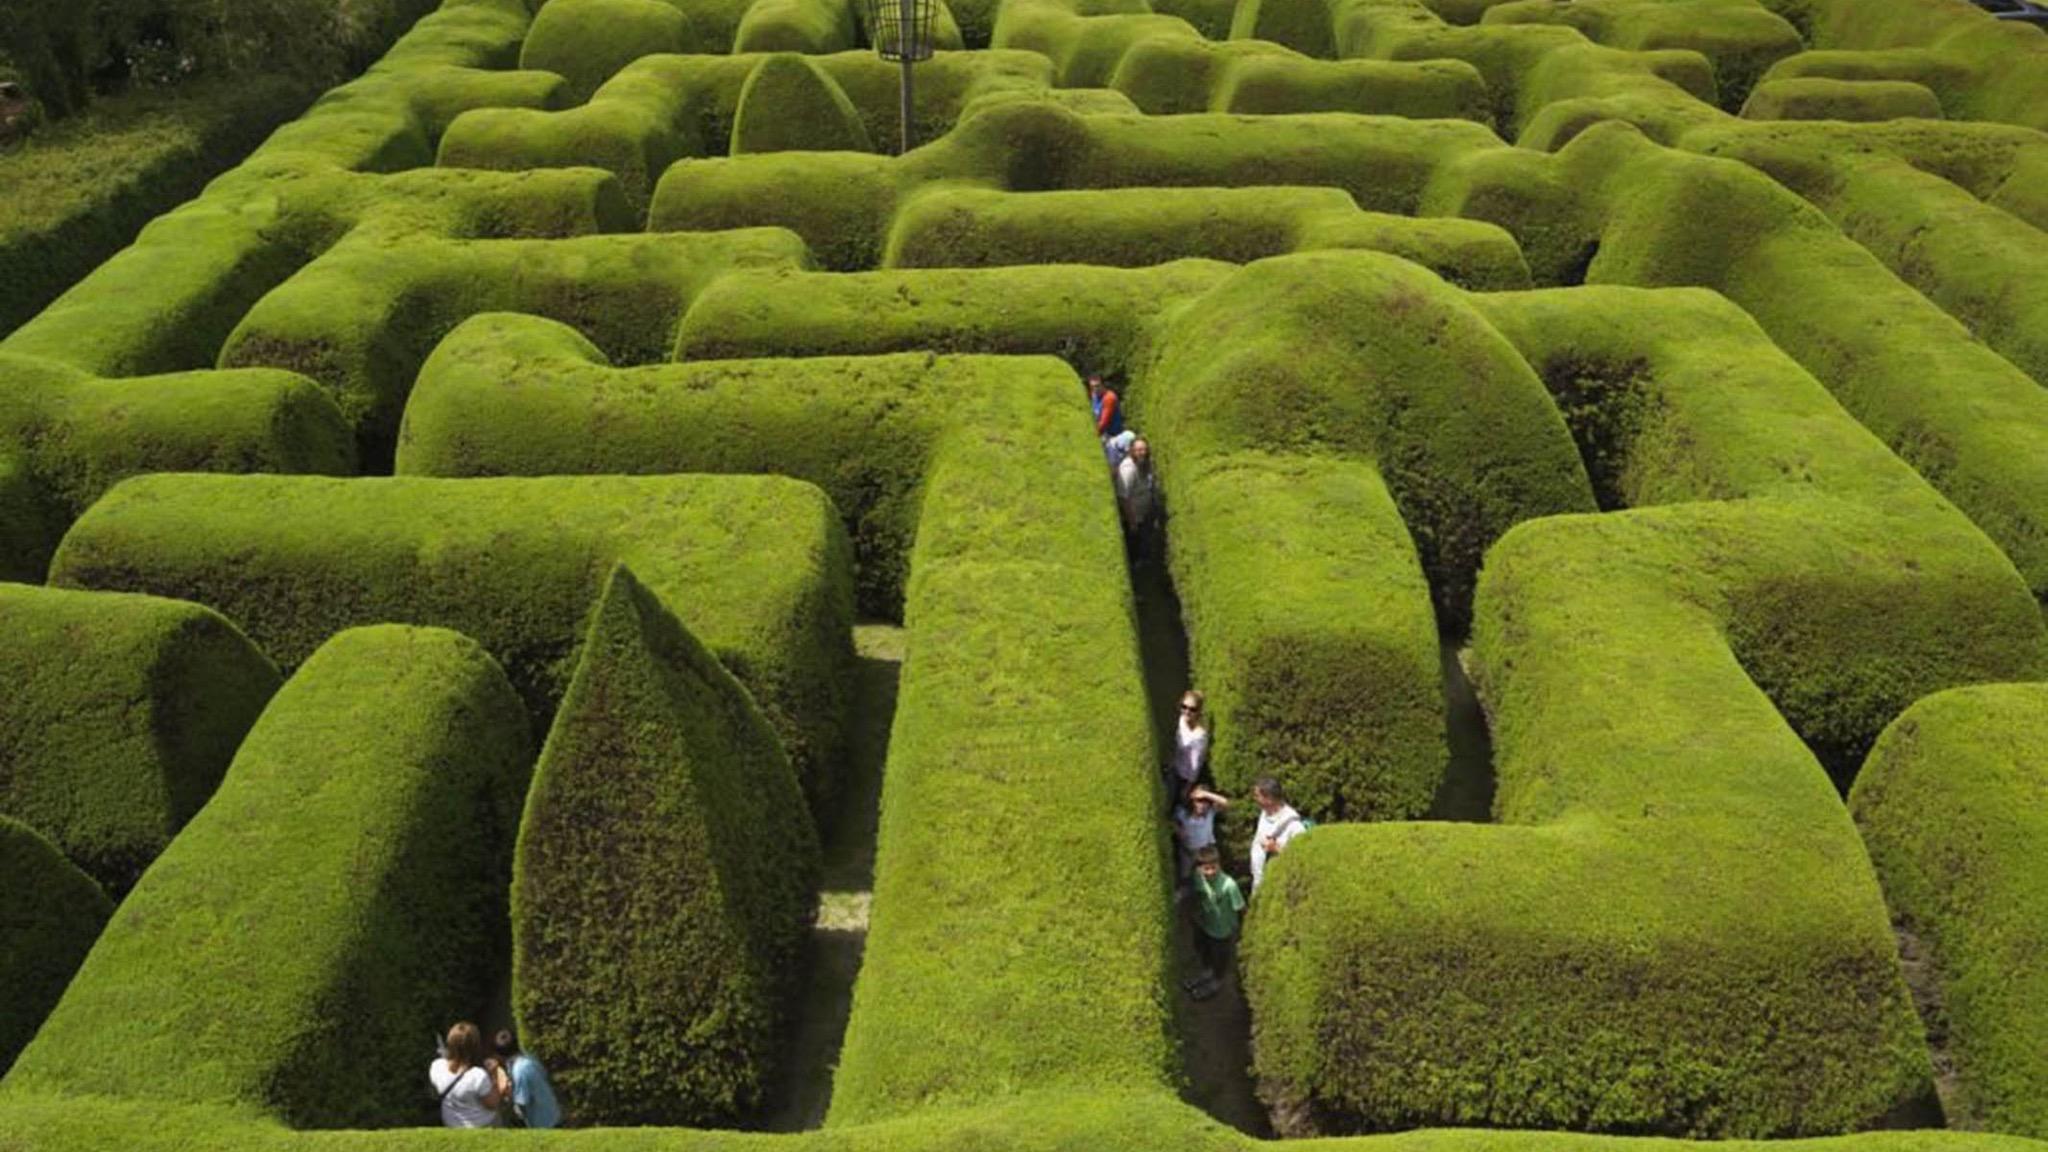 ashcombe maze and lavender gardens attraction mornington peninsula